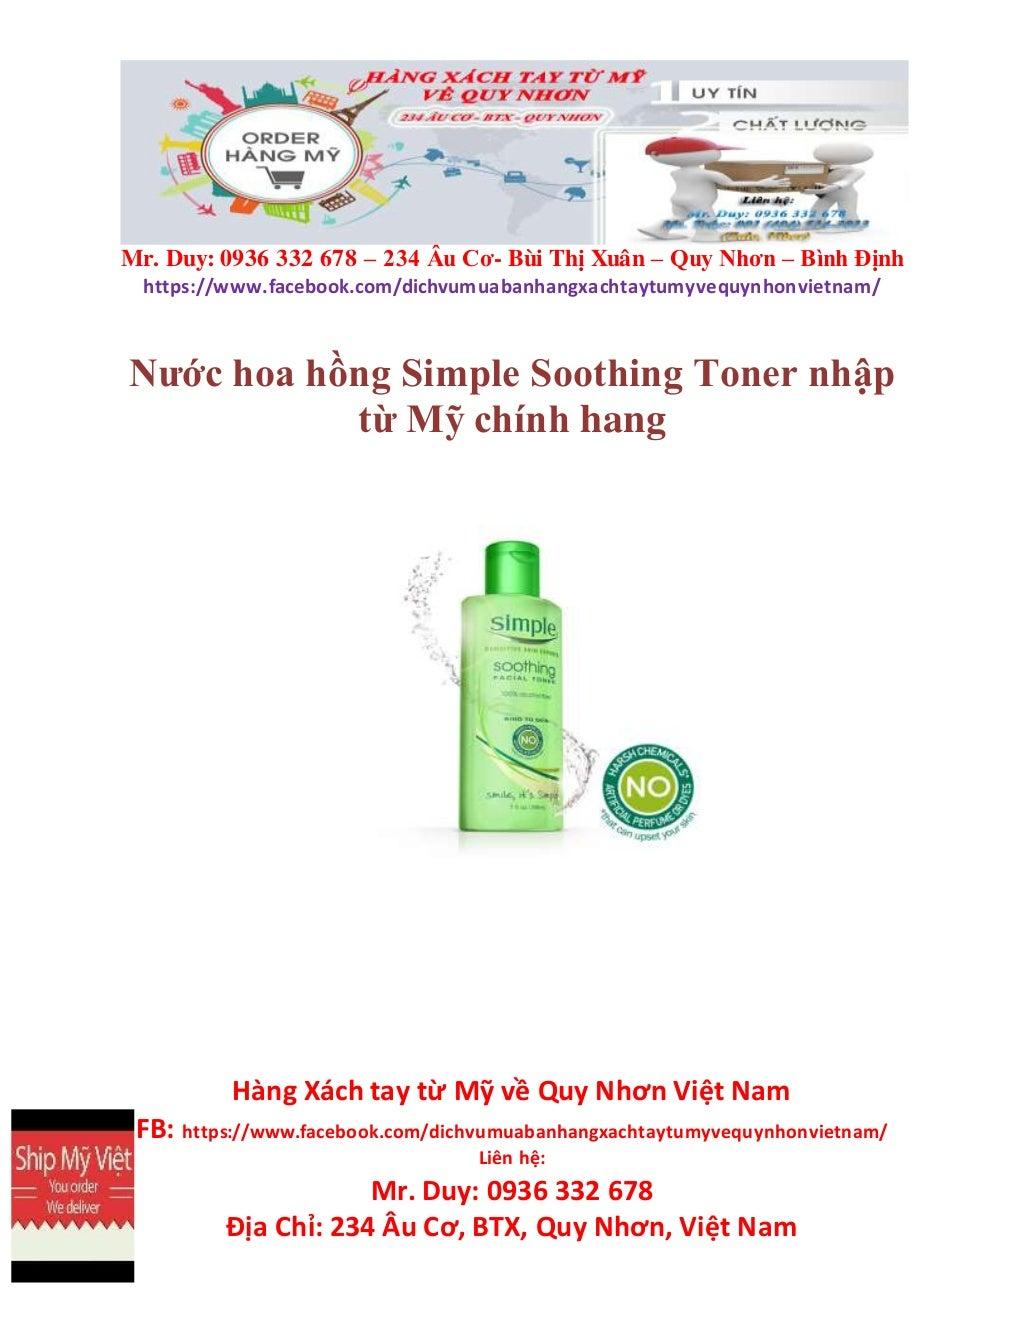 Ở đâu đặt thực phẩm chức năng xách tay tại Quy Nhơn chuyên nghiệp - Magazine cover